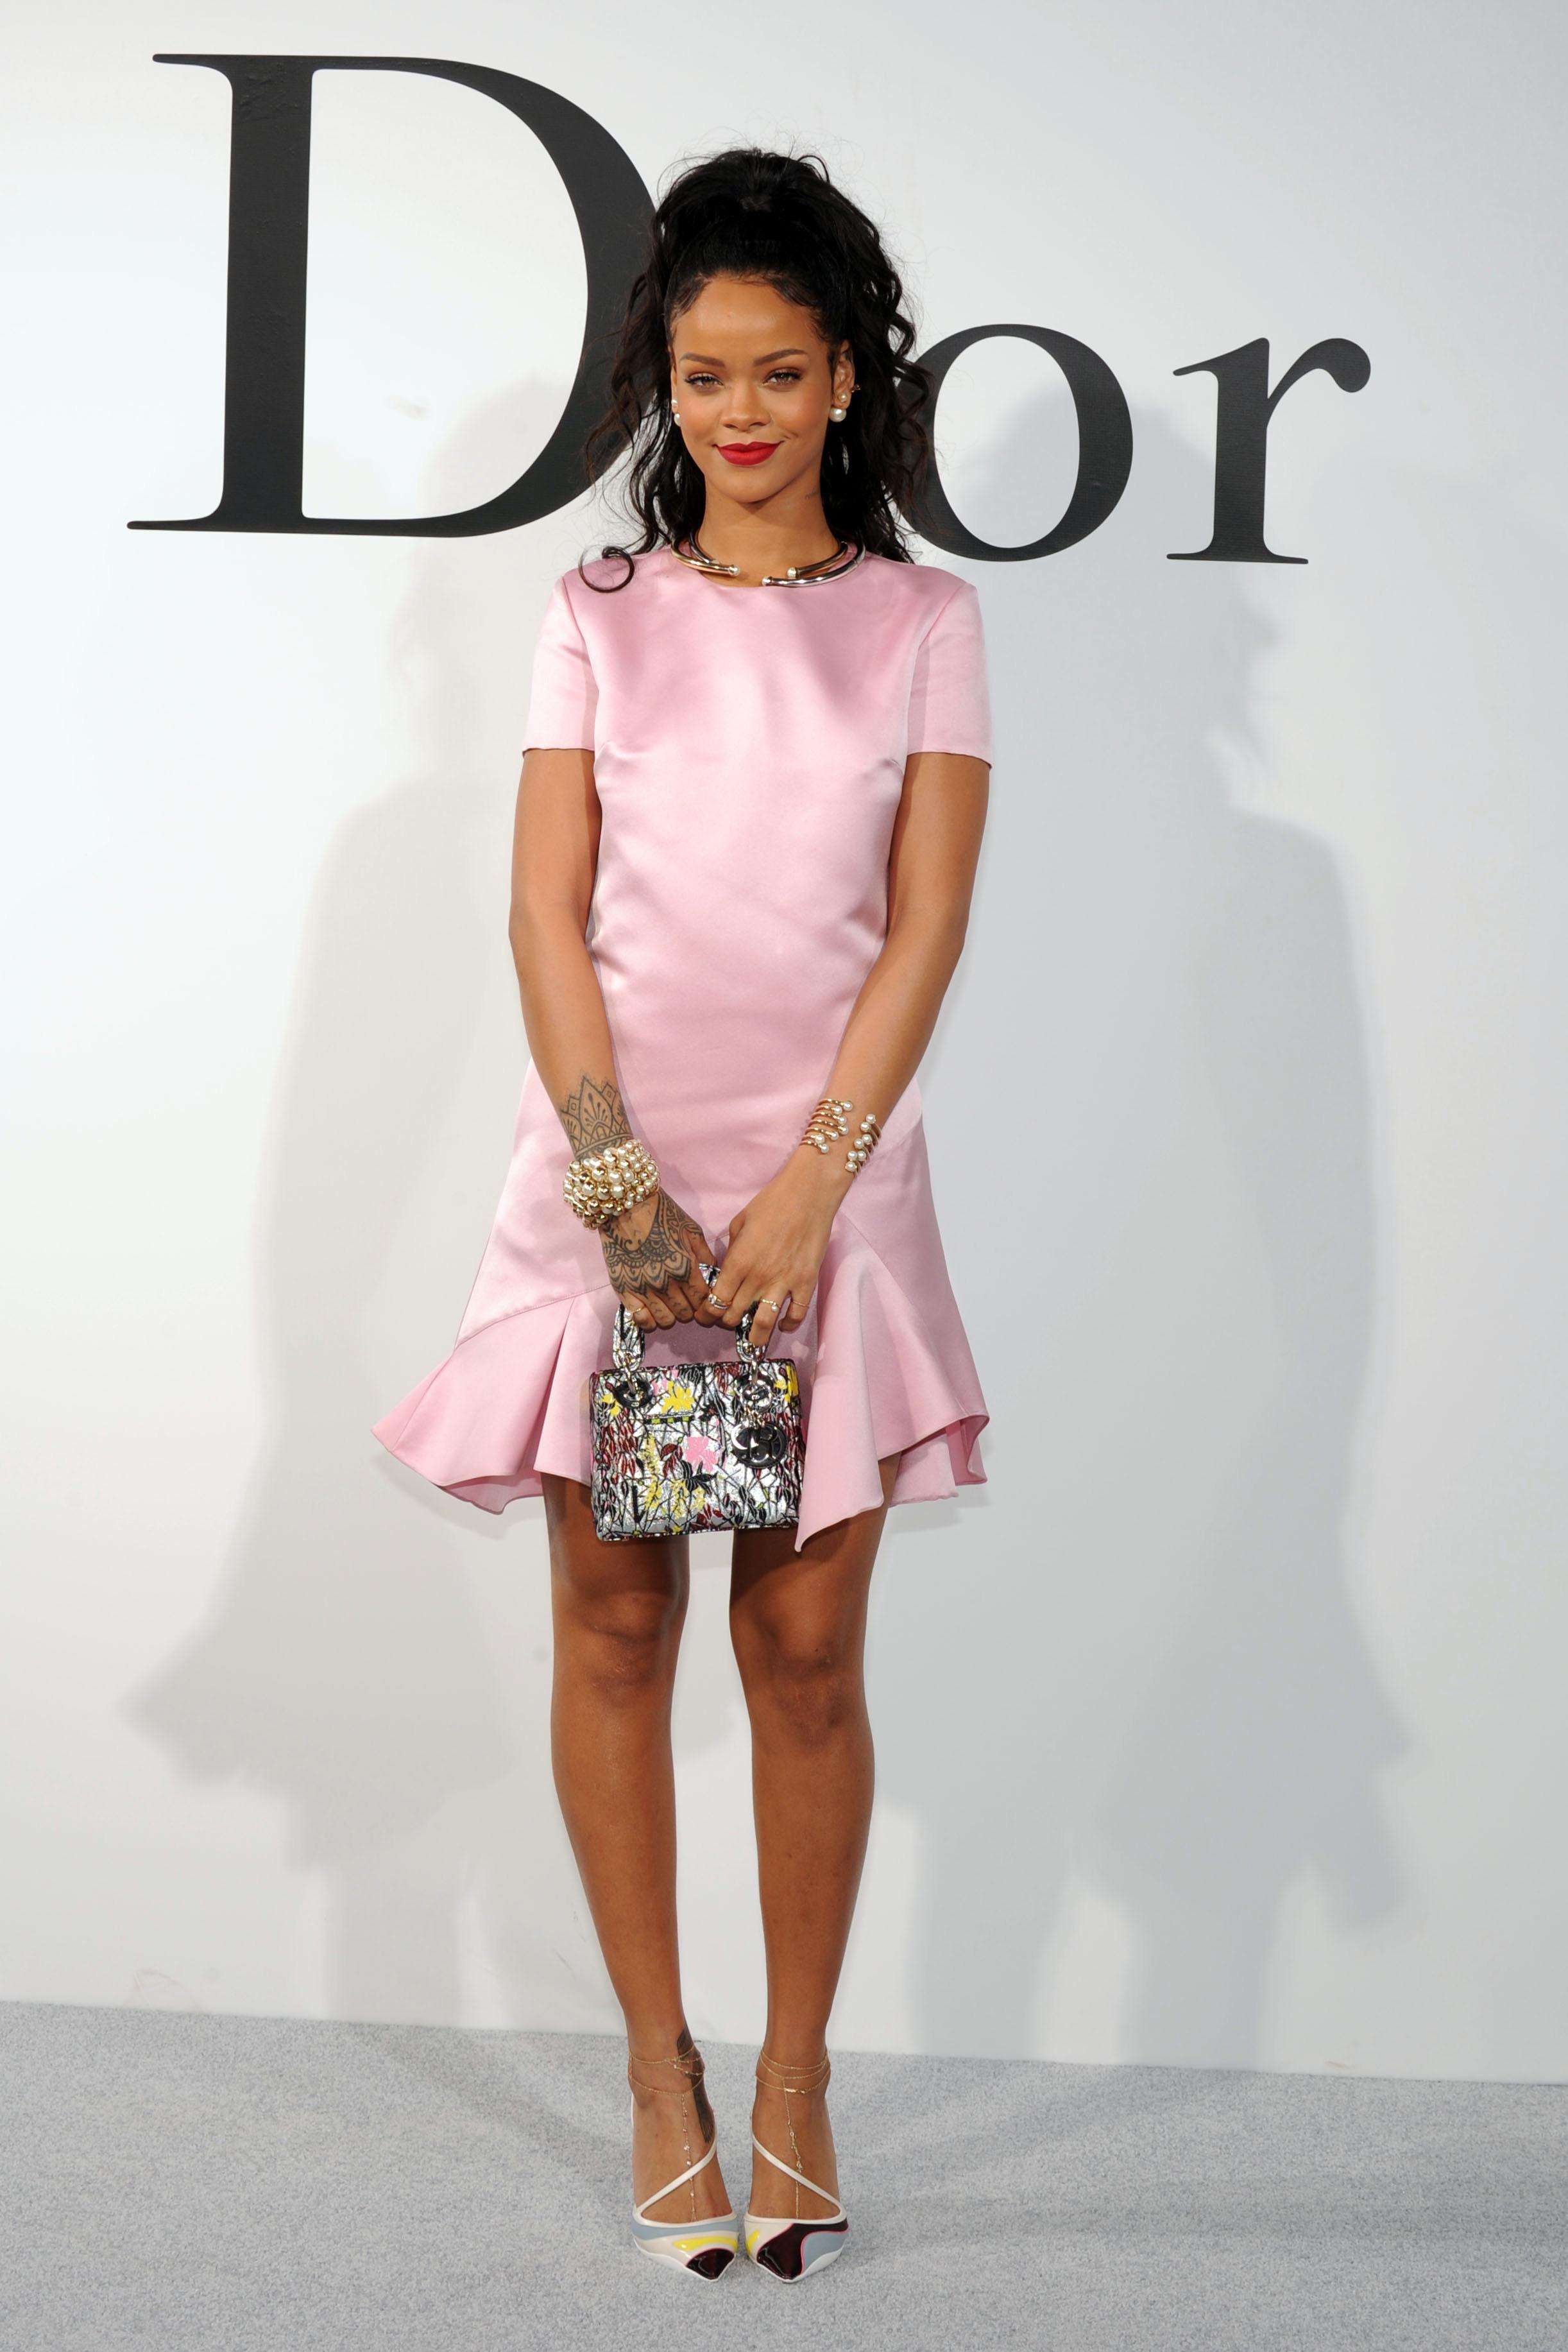 Rihanna-rosto-perfume-dior-secret-gardens